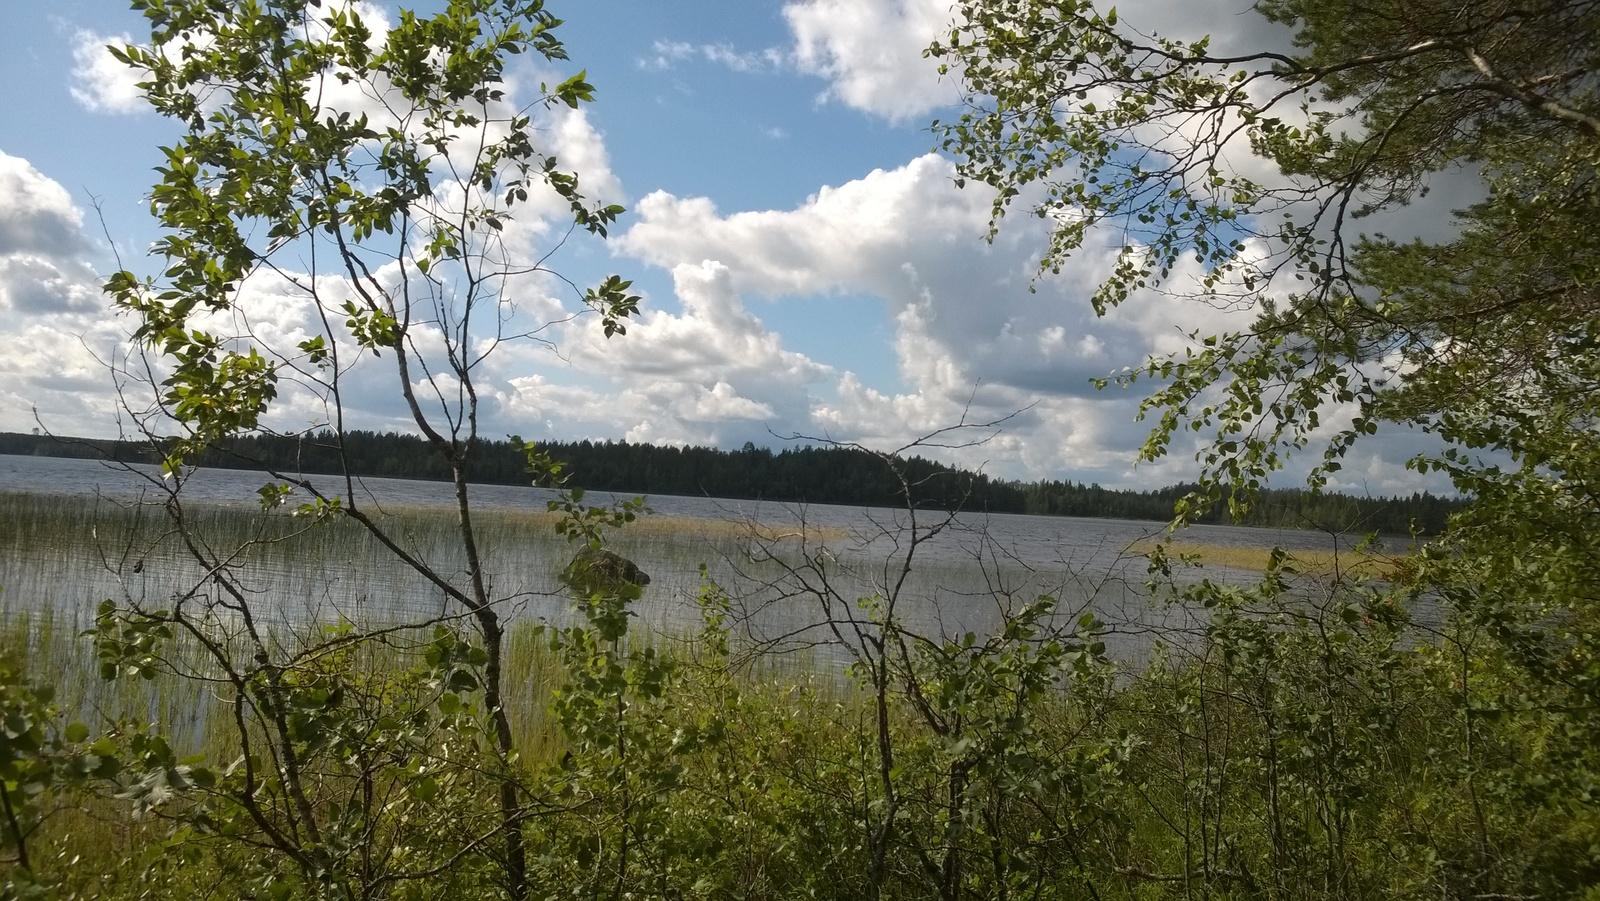 Näkymä järvelle päin